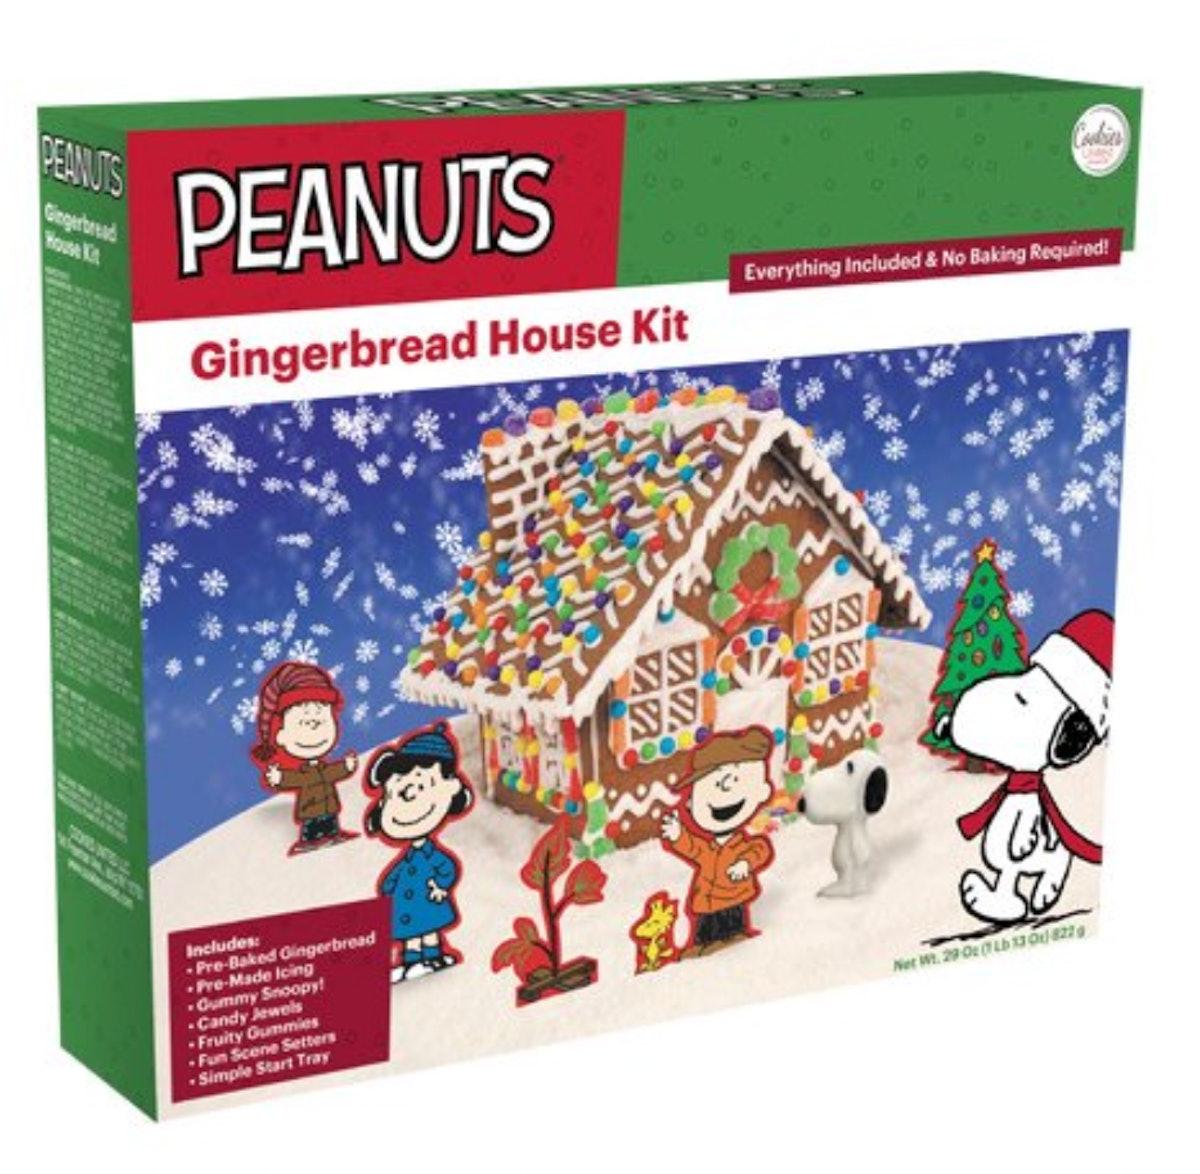 Peanuts GB House Kit